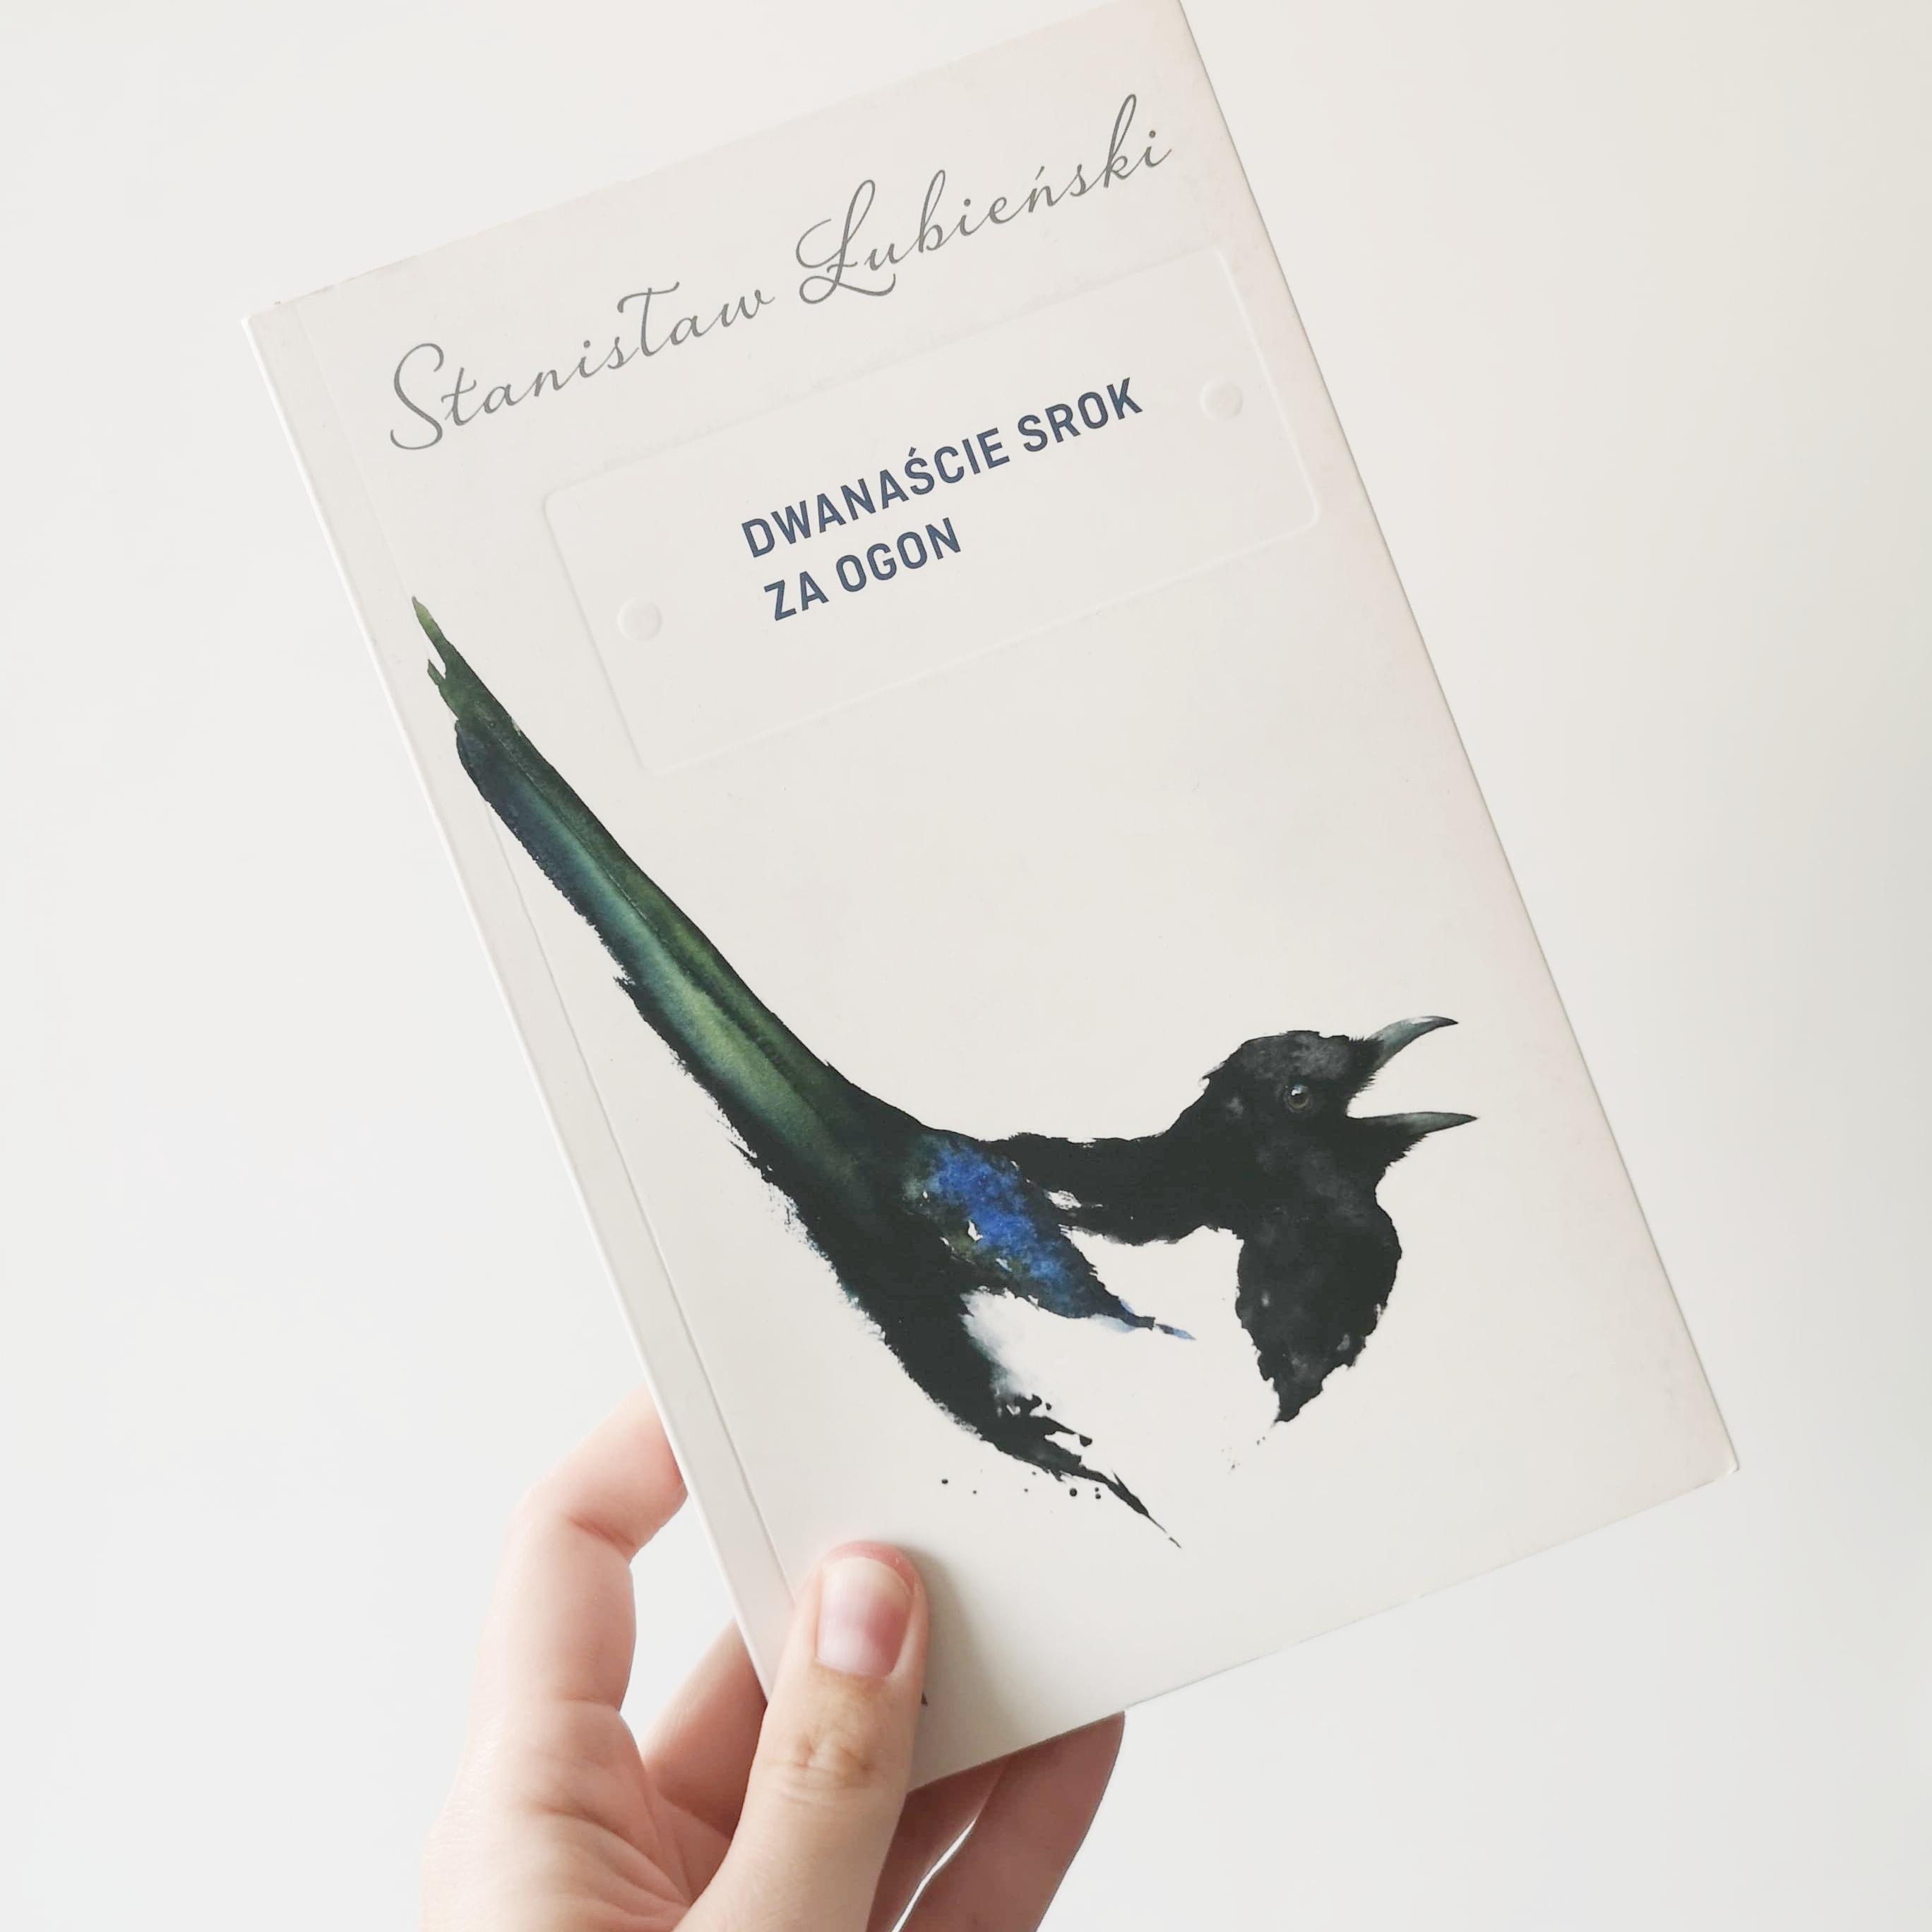 """Stanisław Łubieński """"Dwanaście srok za ogon"""", fot. Biblioteka Gdynia"""